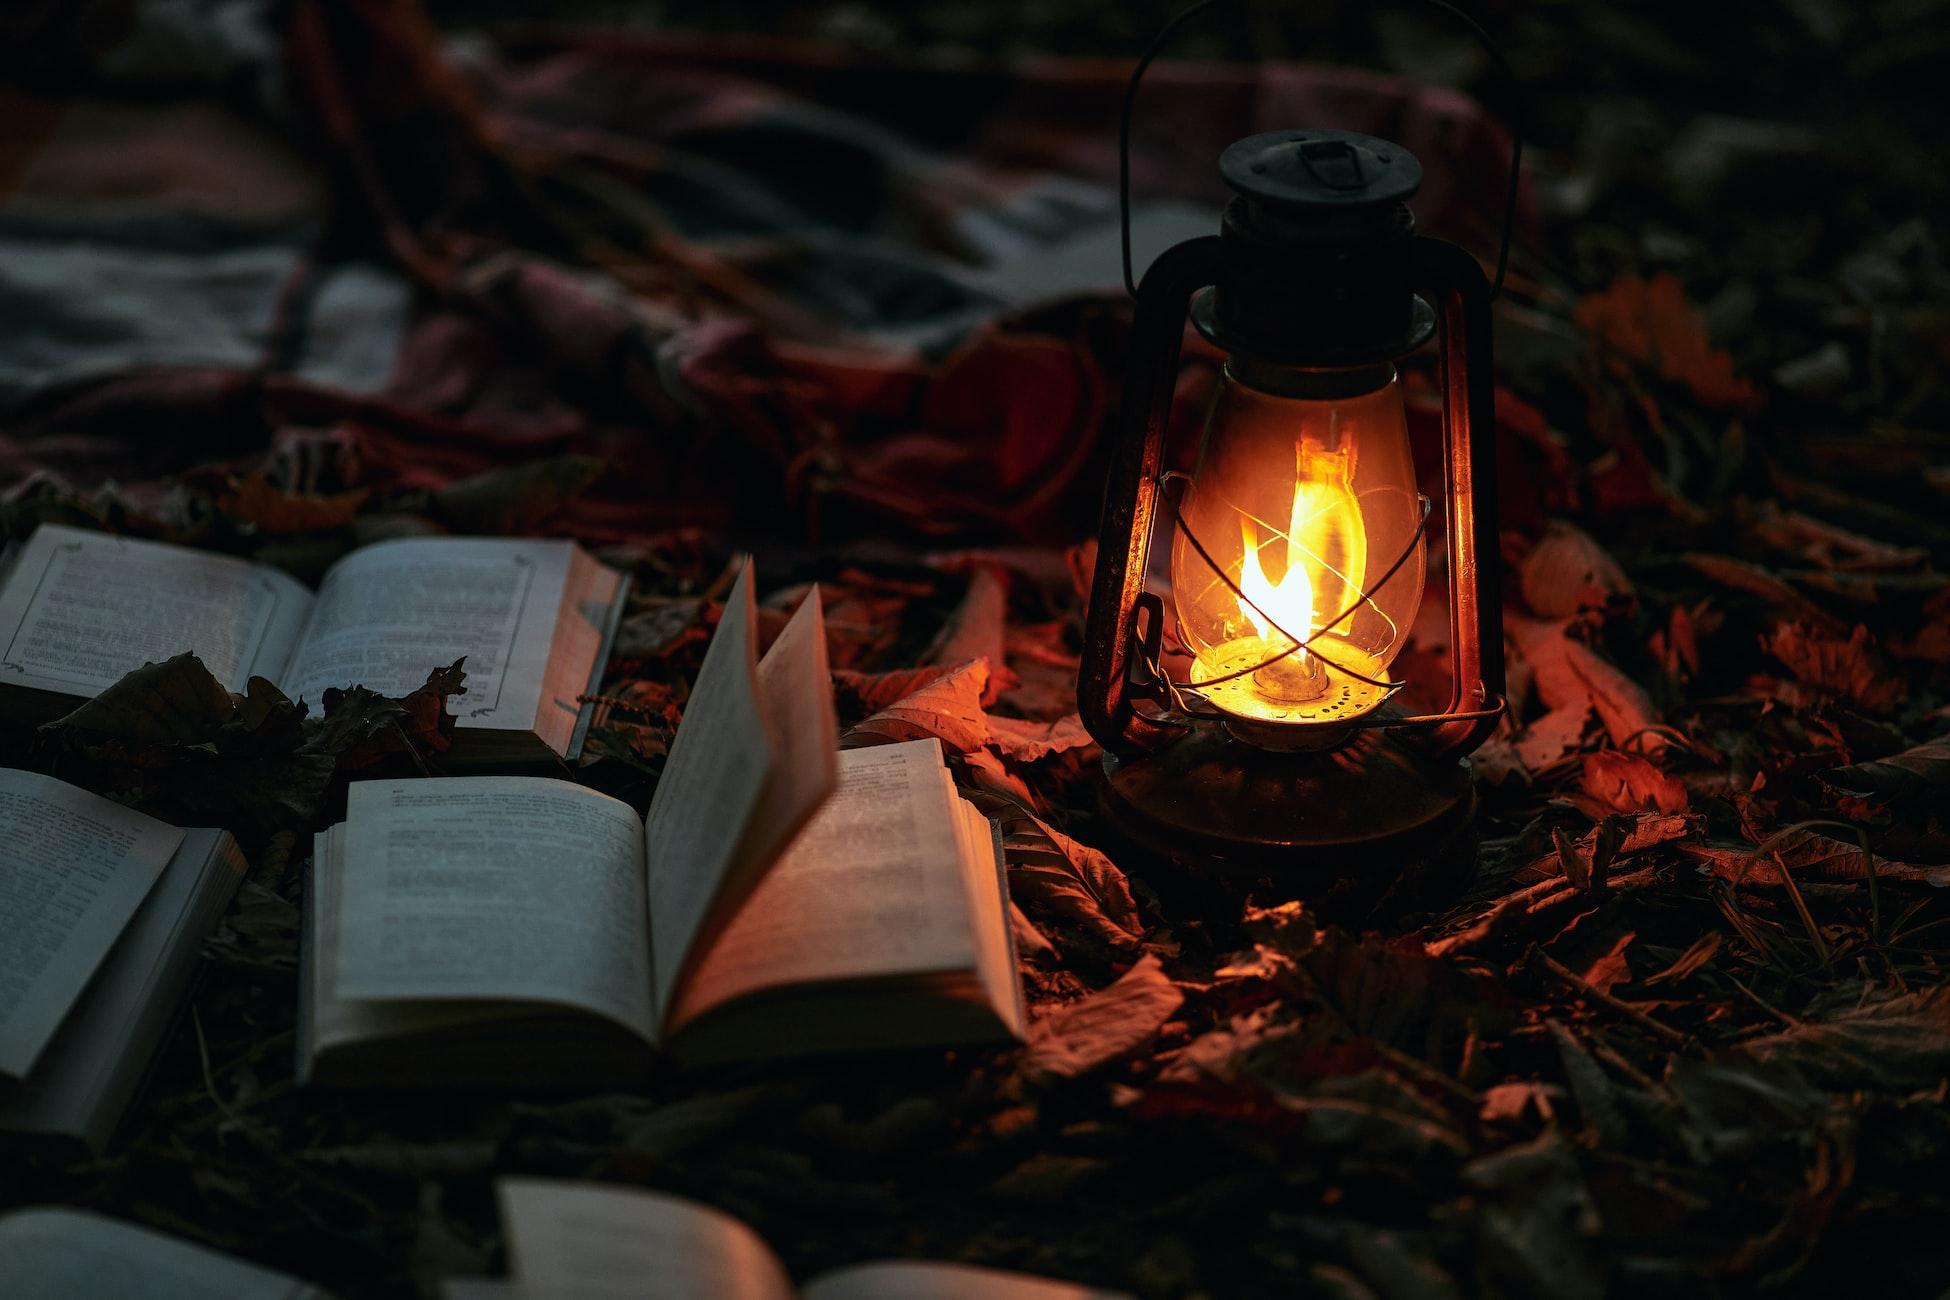 Горящая керосиновая лампа и открытые книги